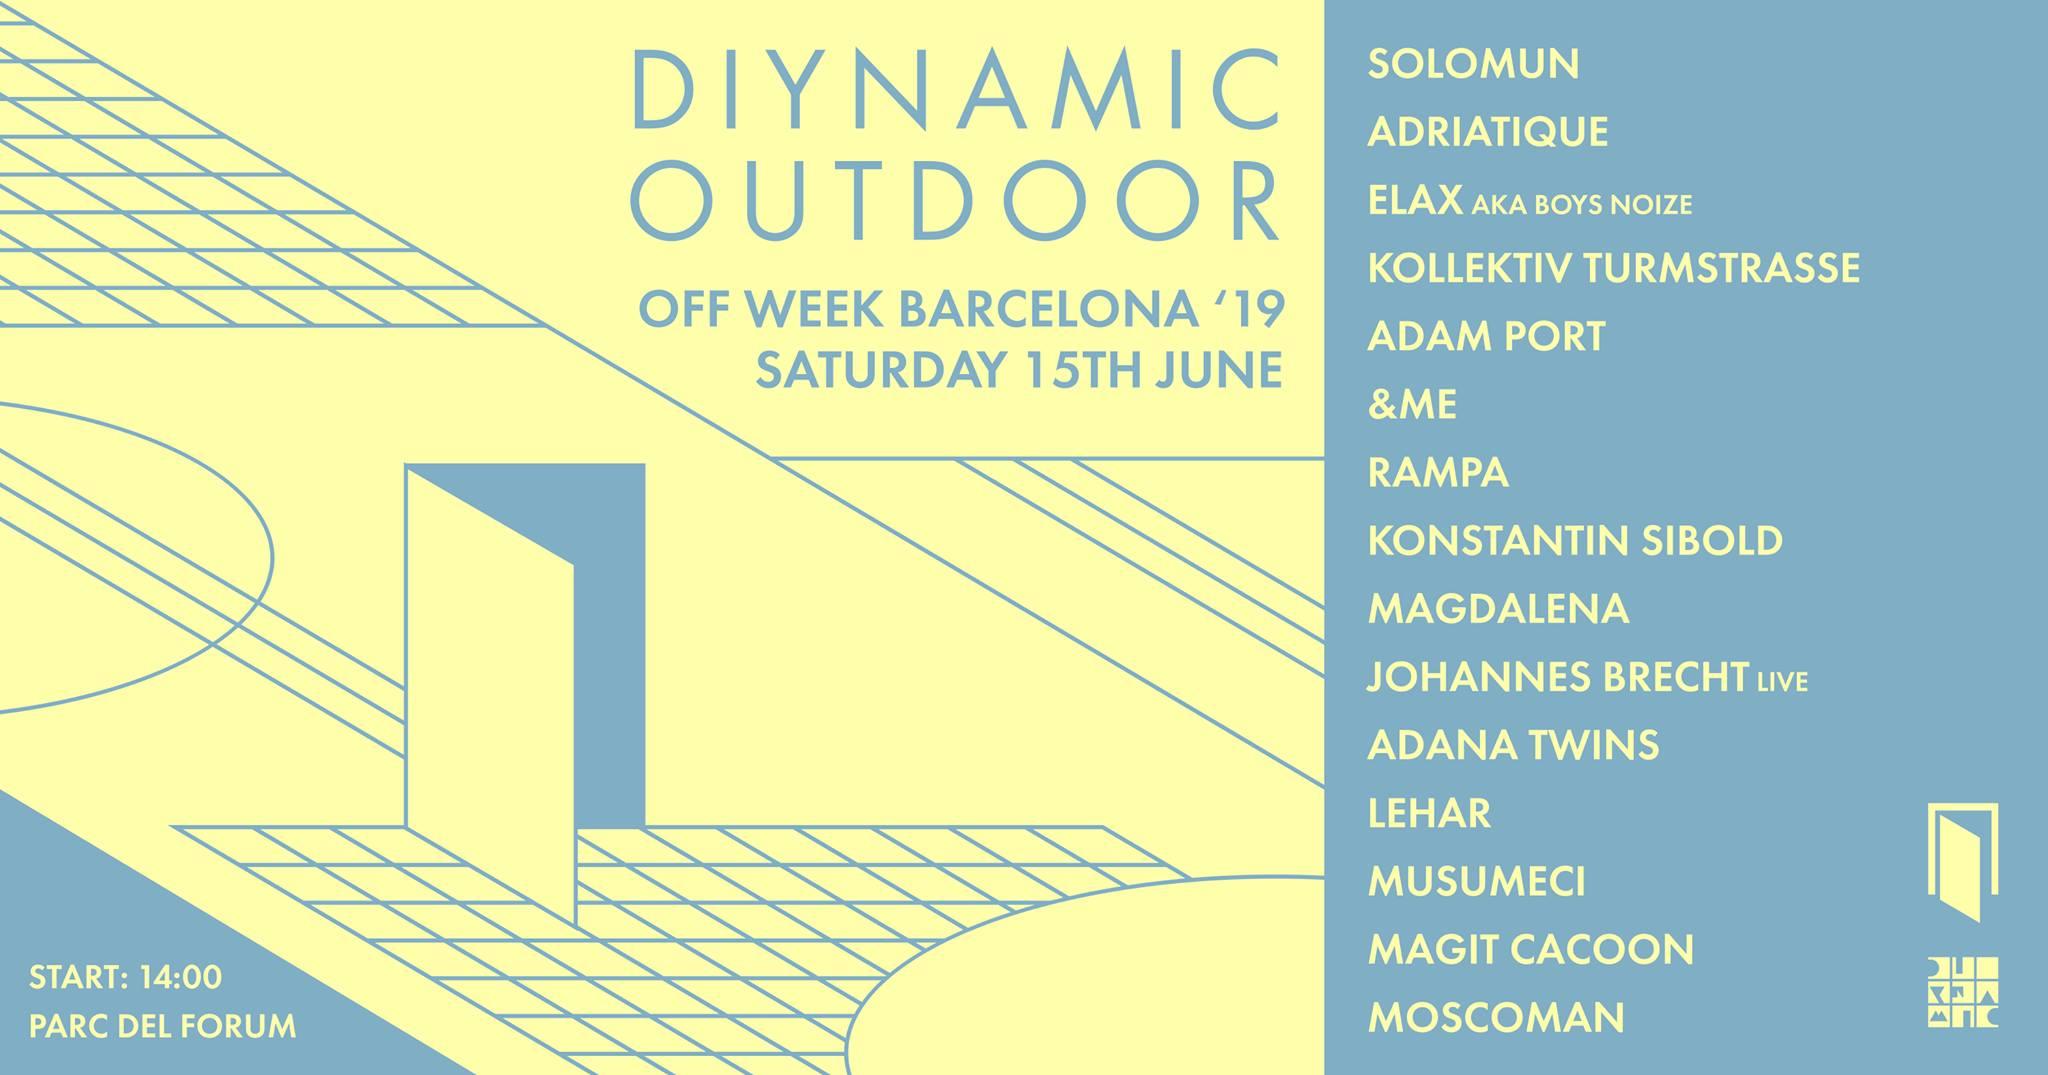 Off Week Festival 2019 - Diynamic Outdoor